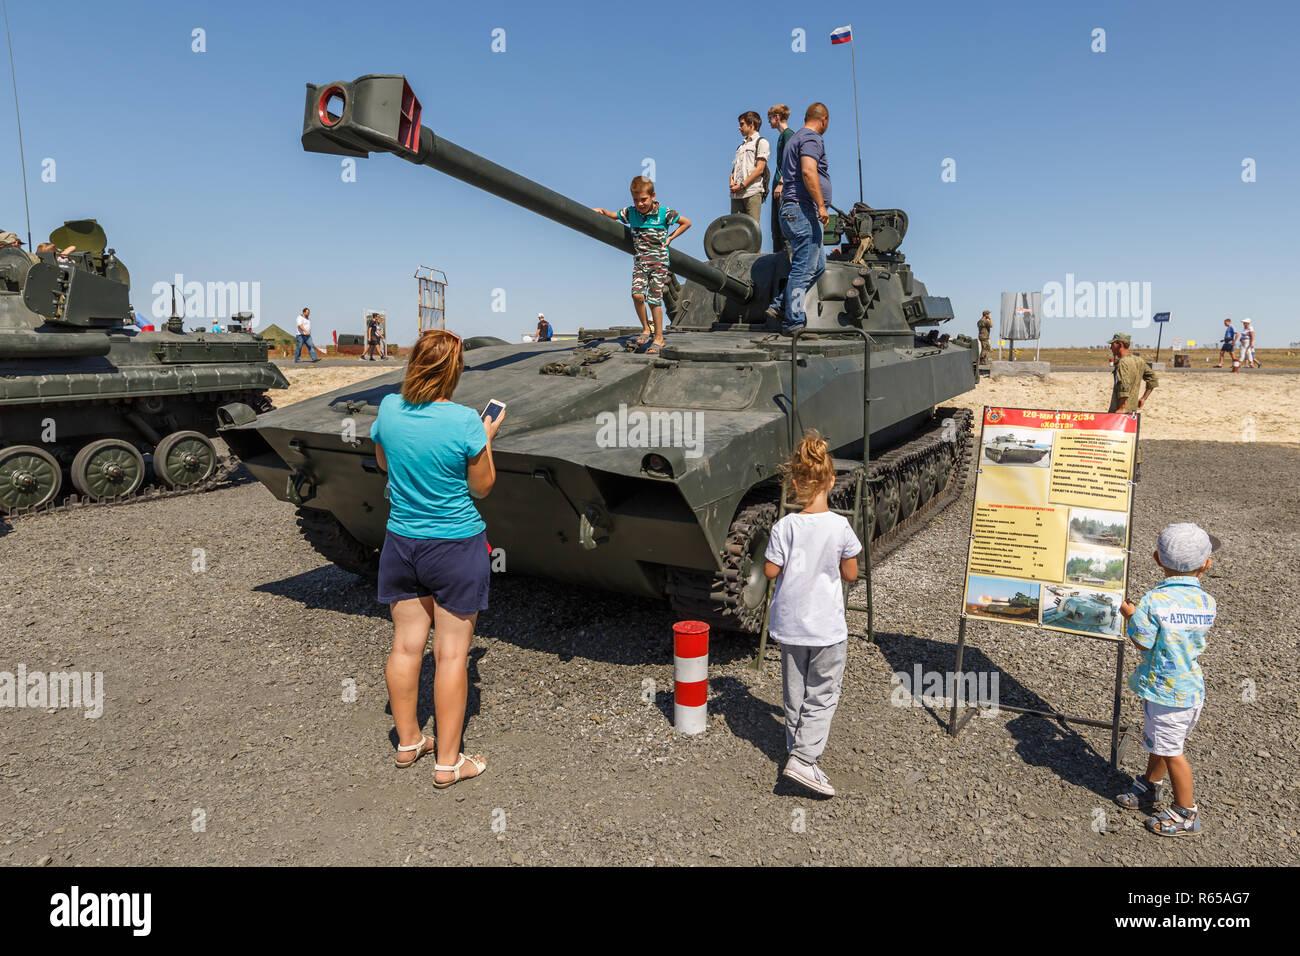 Forum technique militaire international-2018 de l'armée. Les 120 mm d'obusiers automoteur/système de mortier 2S34 Hosta, version modernisée de la 2S1 Gvosdik Banque D'Images